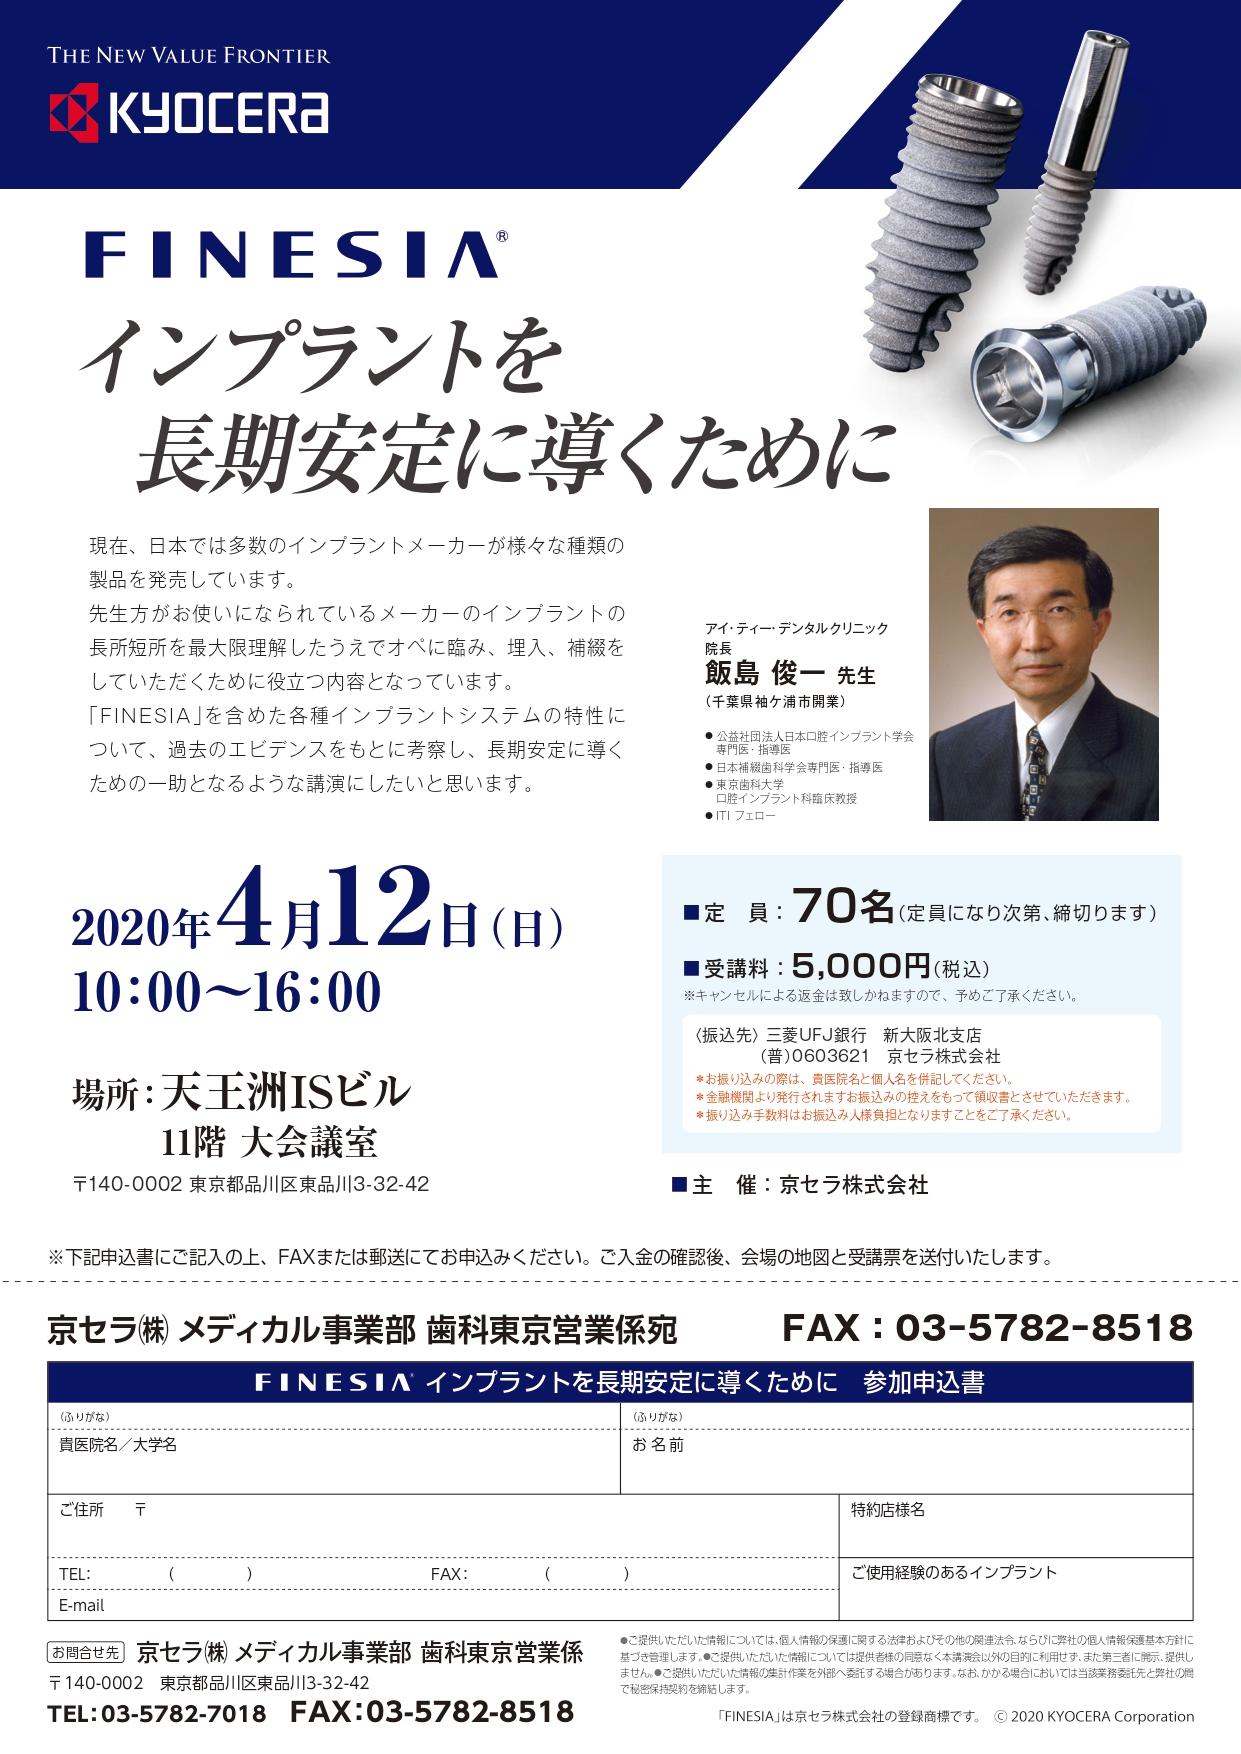 【開催中止】FINESIA インプラントを長期安定に導くために